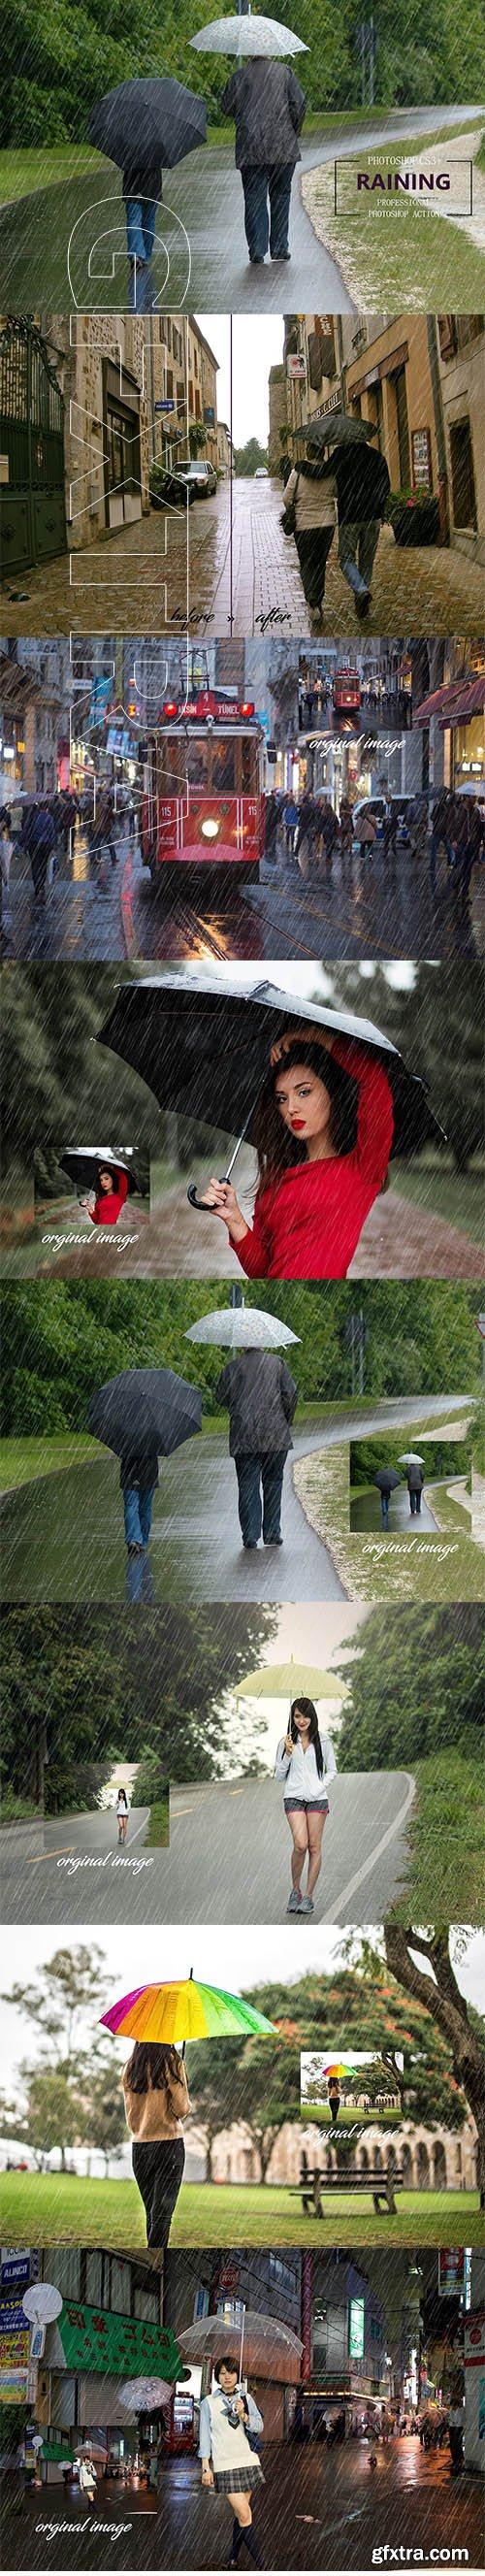 CreativeMarket - Raining Photoshop Action 3633384